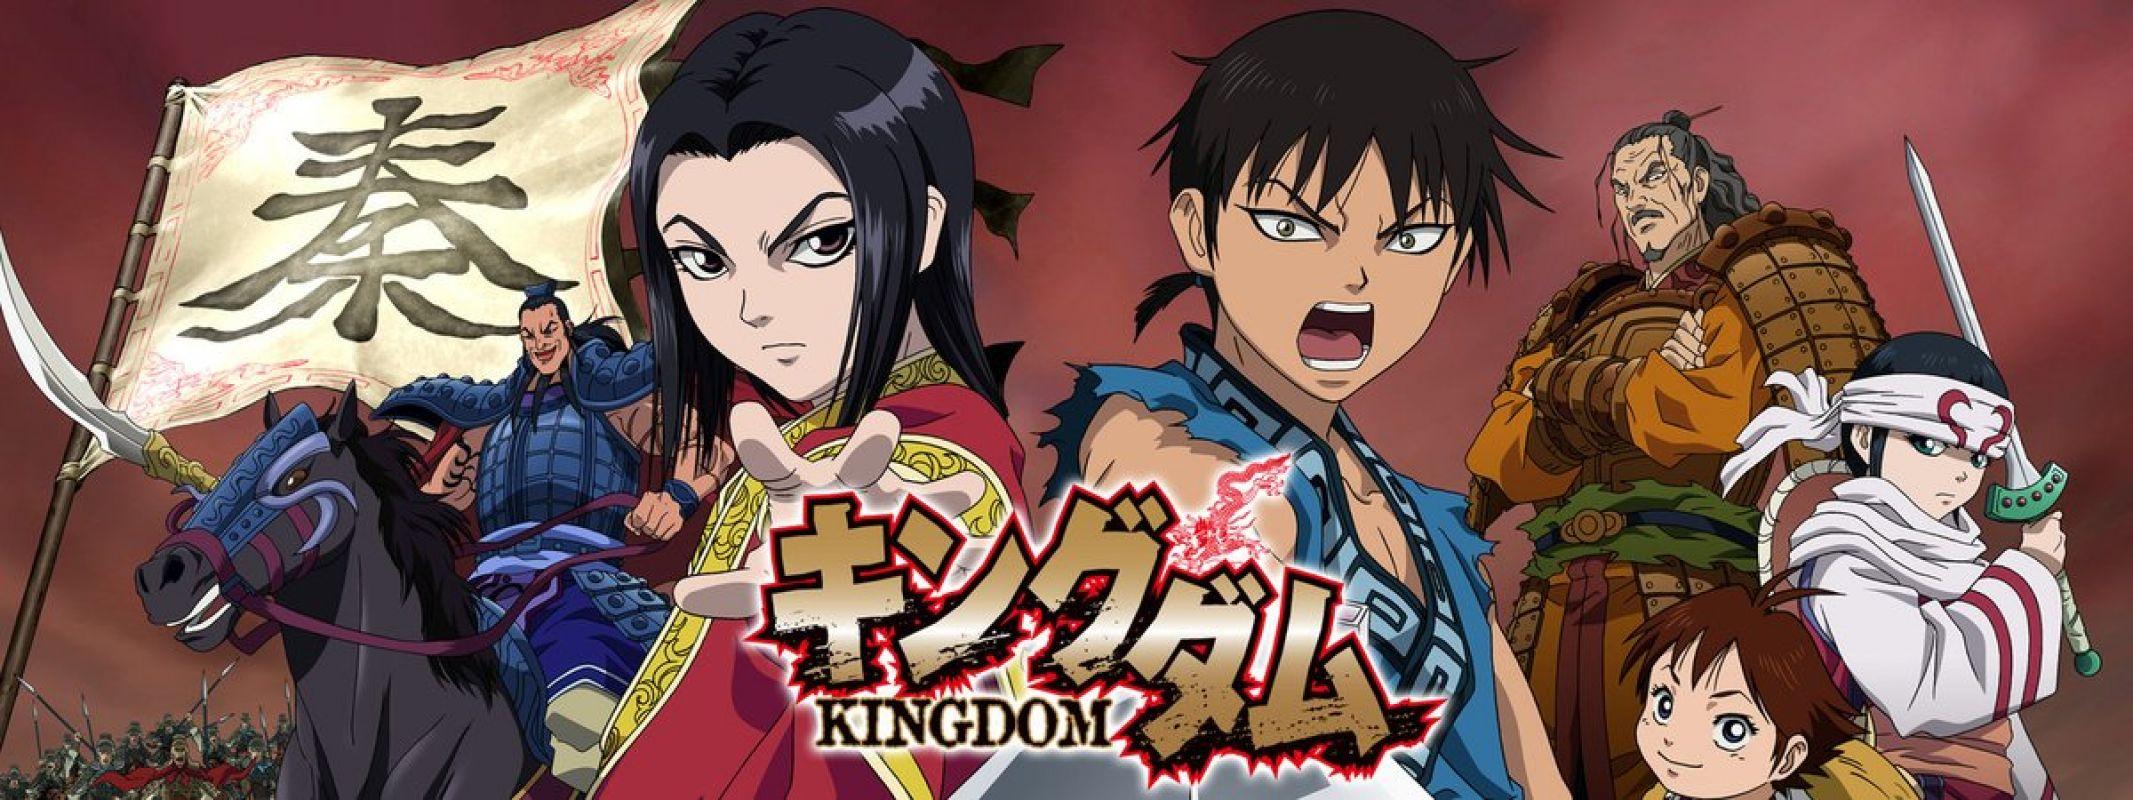 L'adaptation animée de Kingdom bientôt en France chez Black Box !